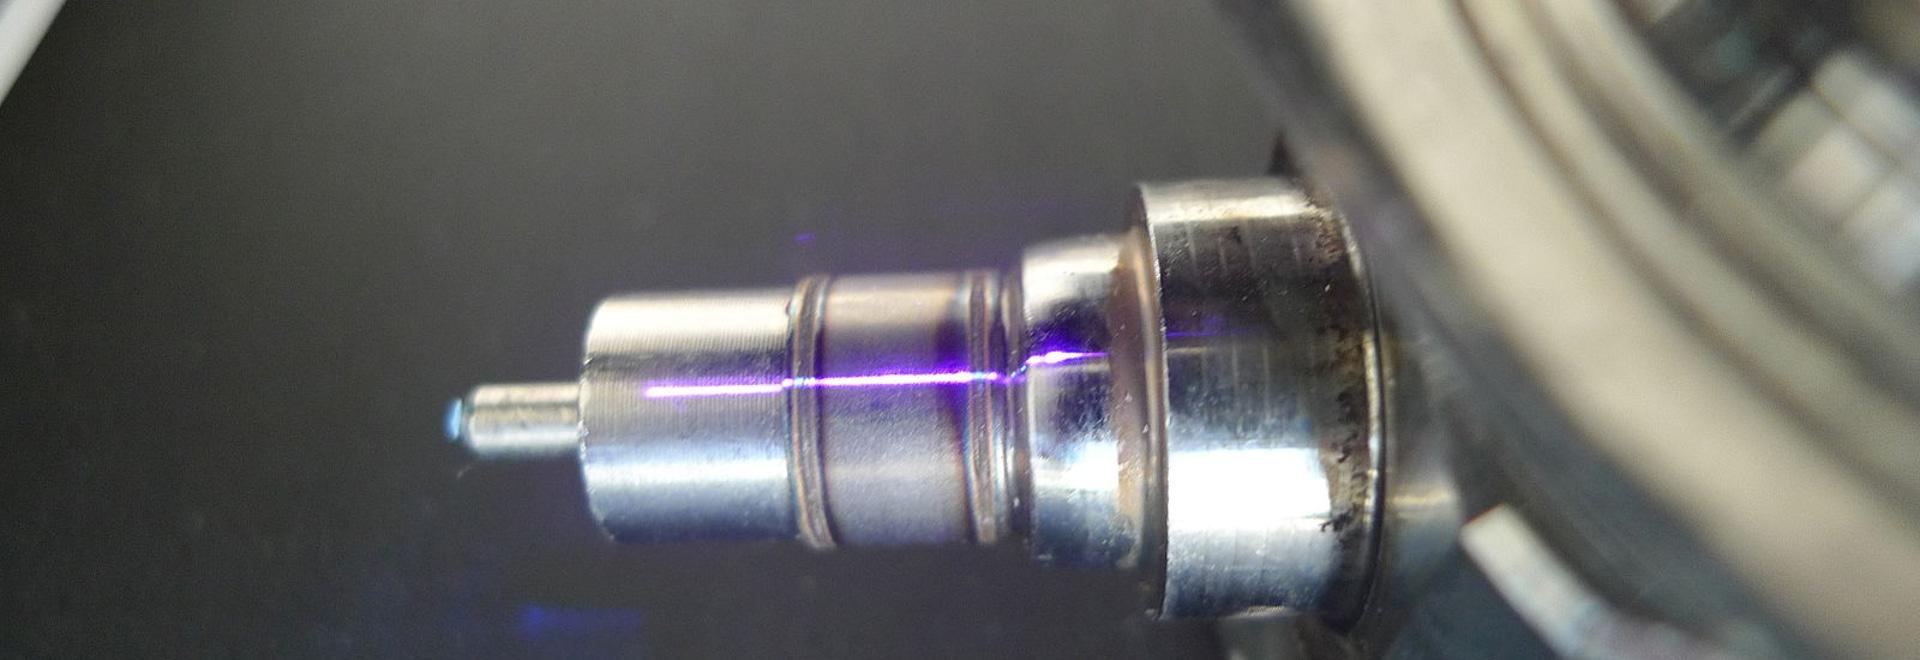 Laser Weld Seam on fuel pump valve body